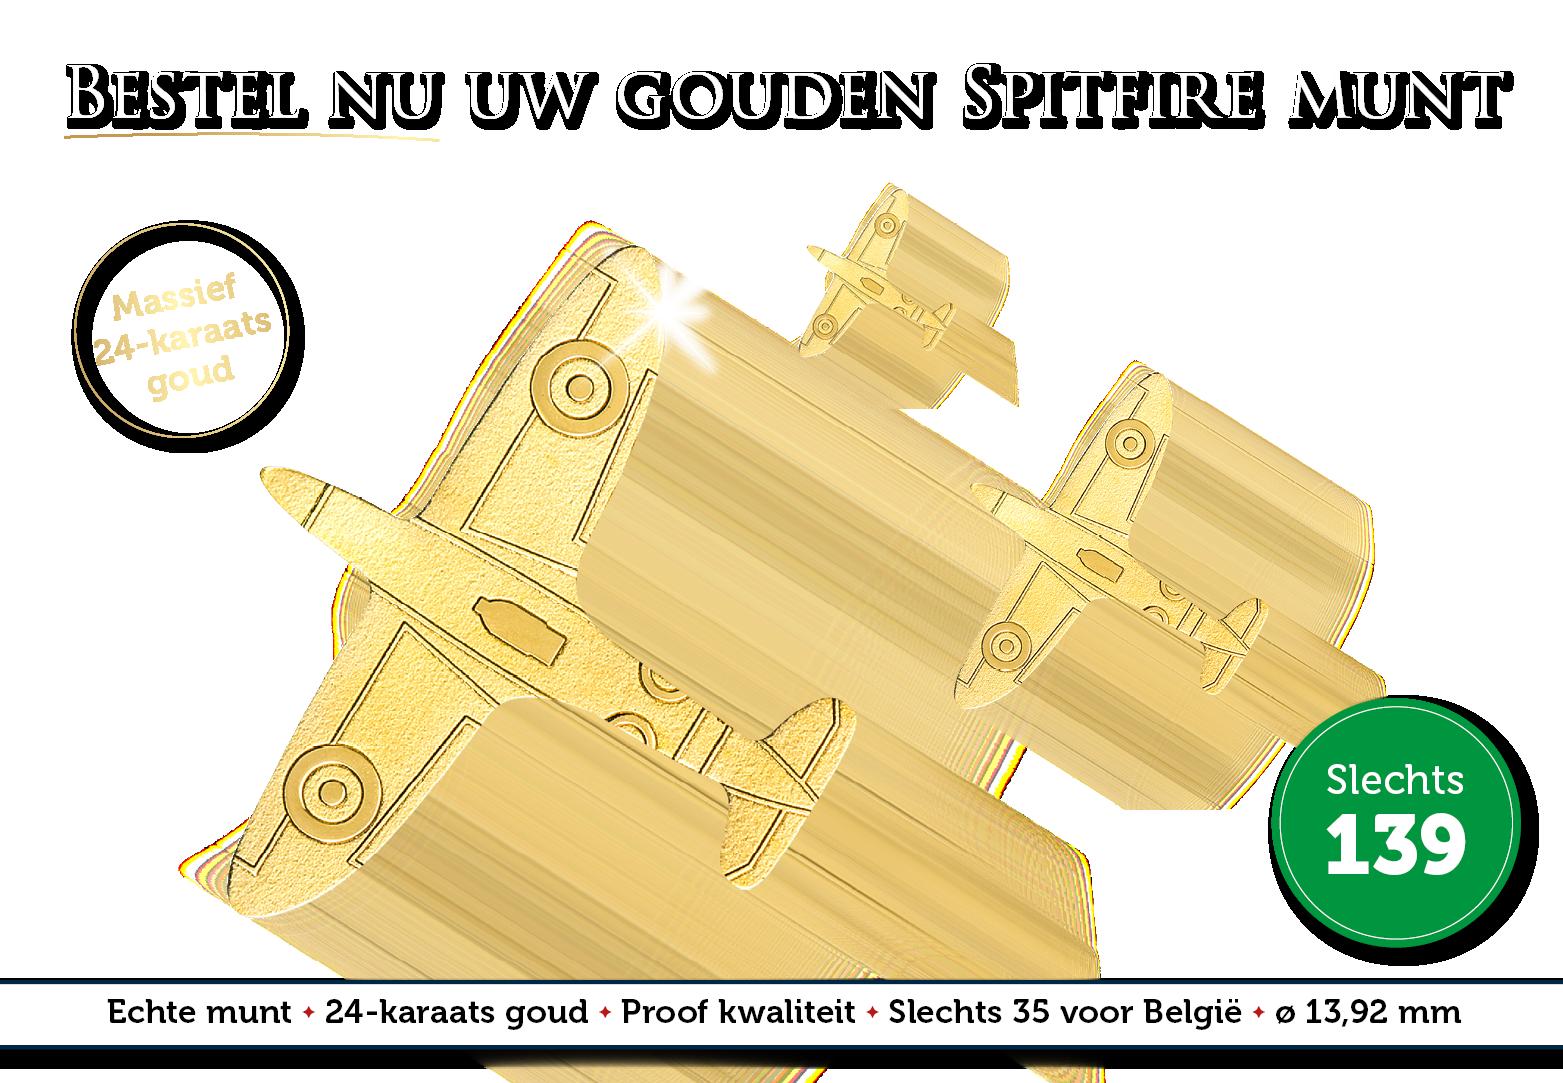 Het legendarische jachtvliegtuig in 24-karaats massief goud!